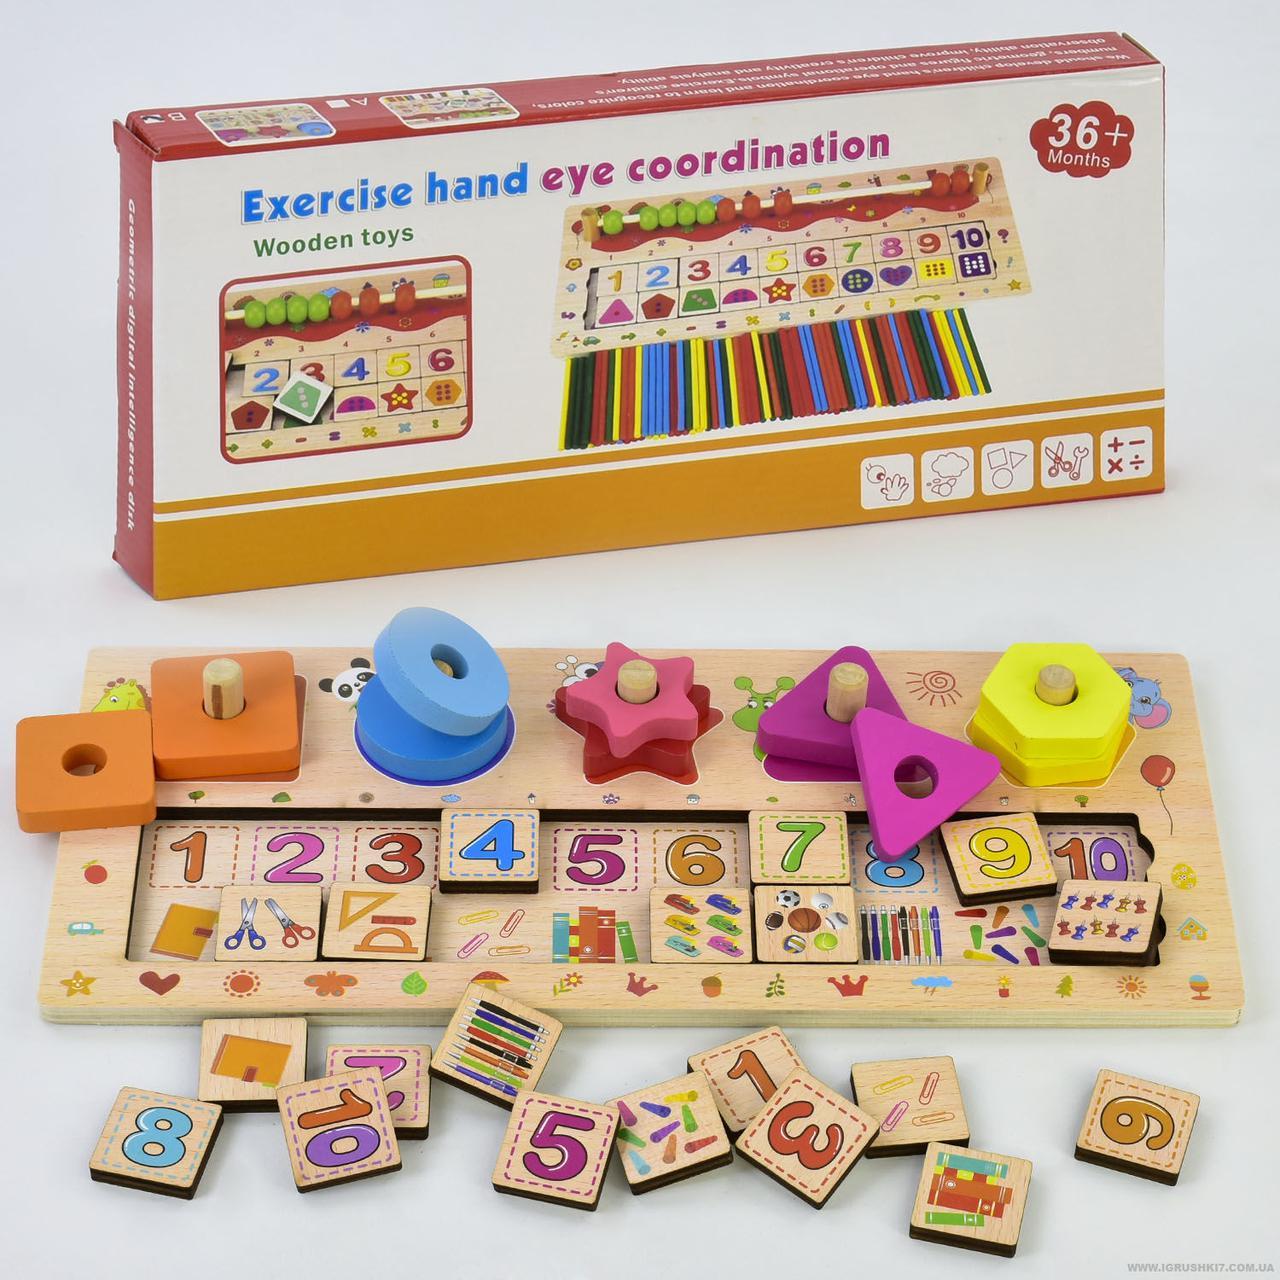 Дерев'яна гра Навчання рахунку з геометричними фирурами.